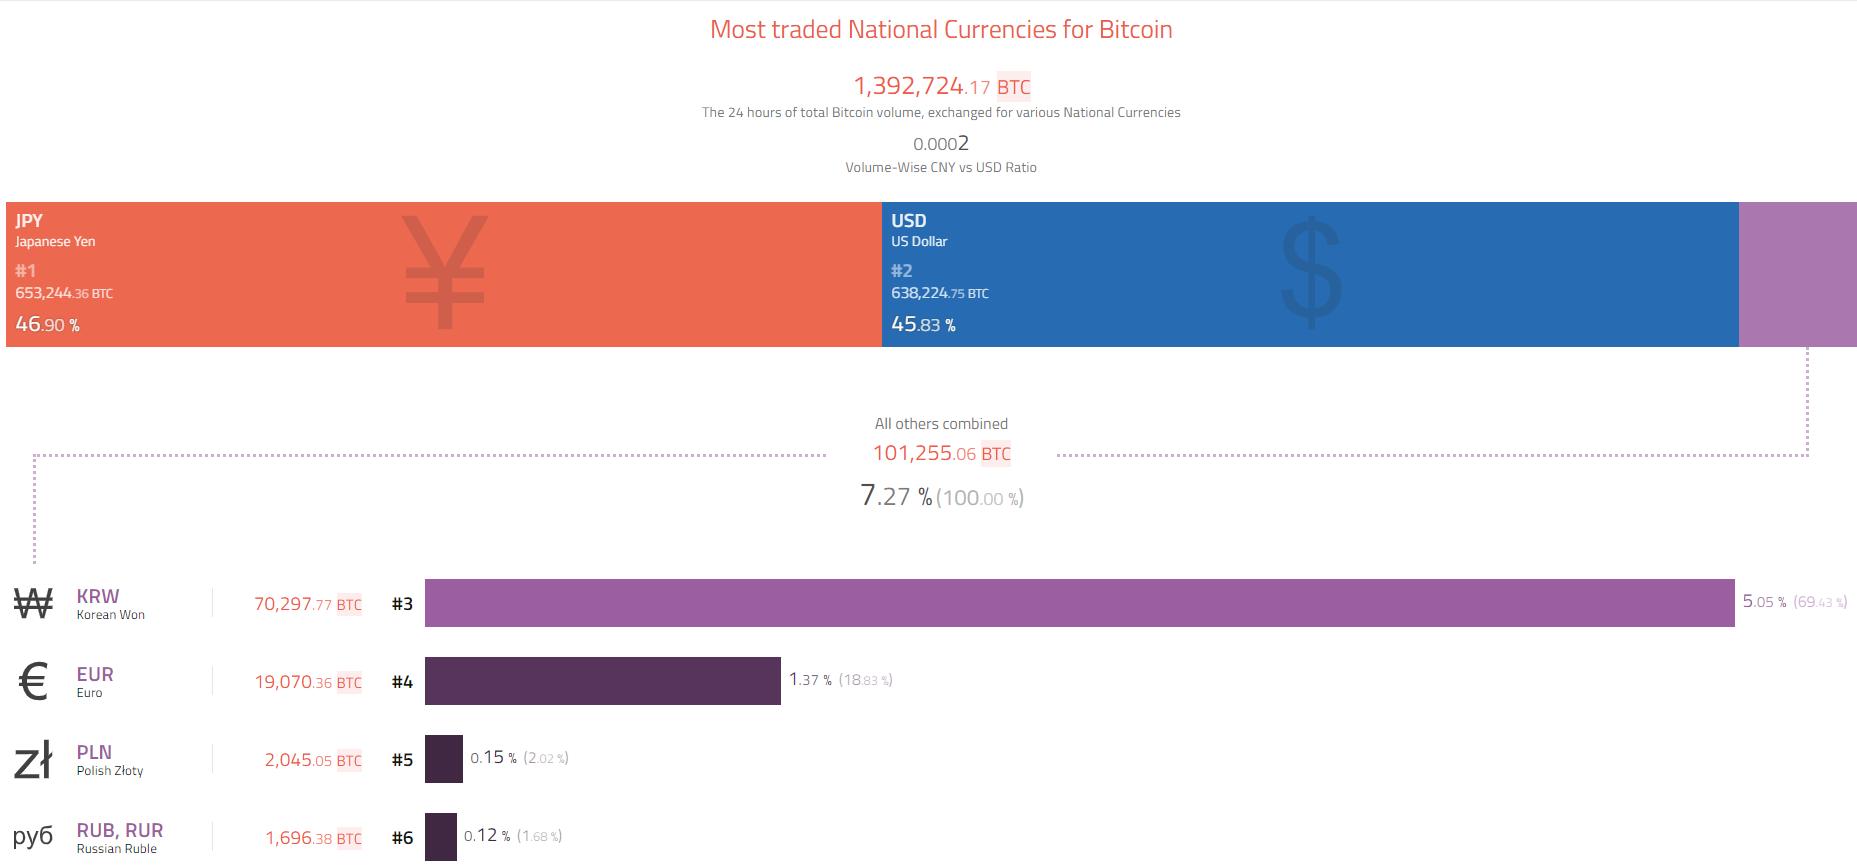 Японская иена стала самой популярной фиатной валютой при торговле биткоином